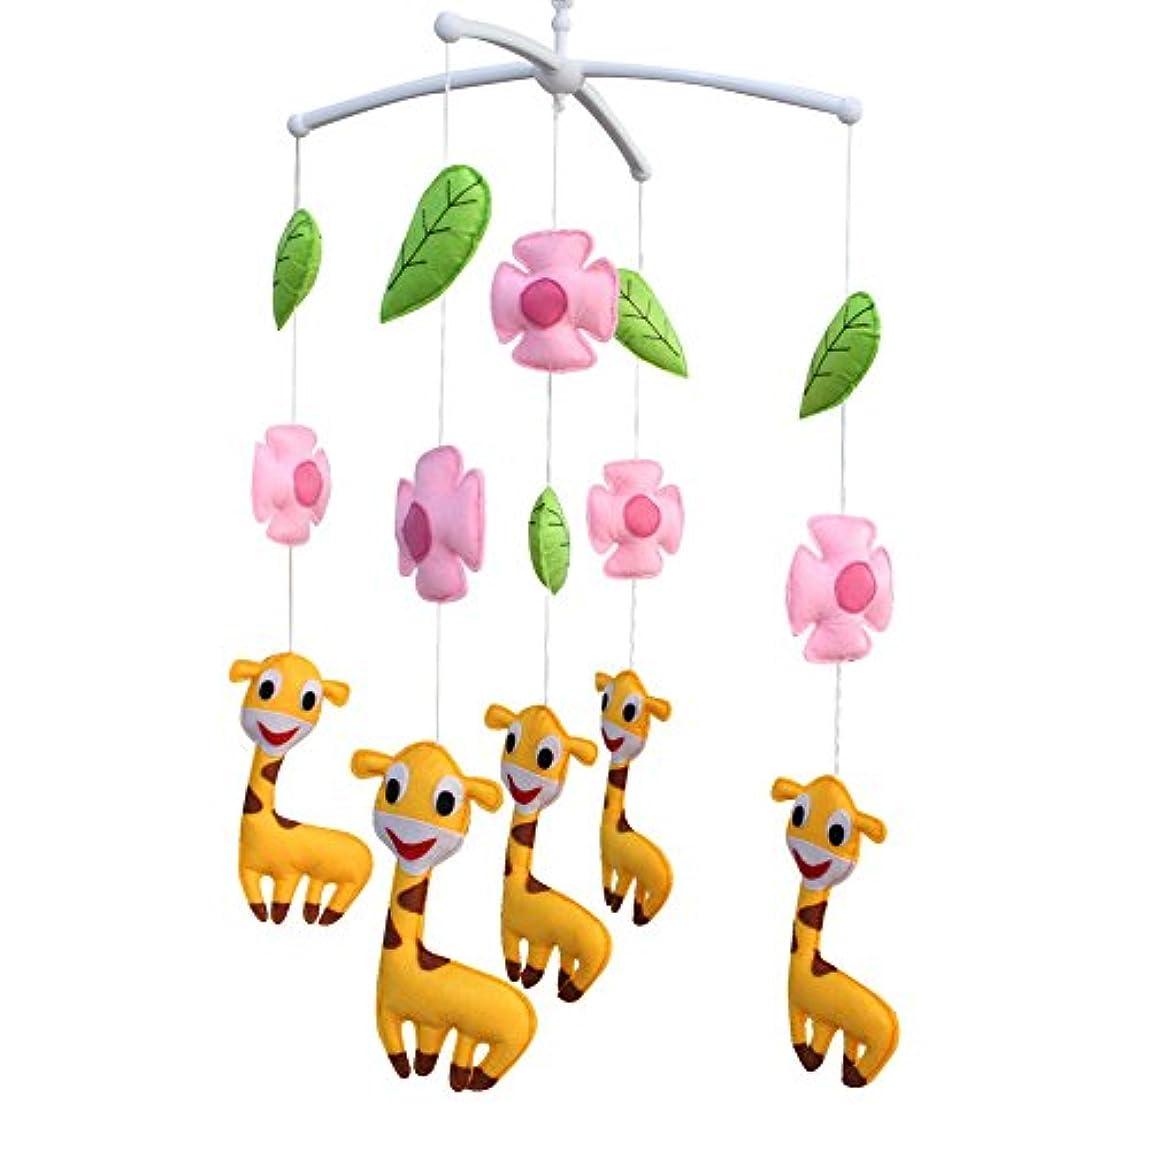 美徳変色する寄り添う[ピンクの花とハッピーキリン]素敵な装飾手作りおもちゃ、ミュージカルモバイル